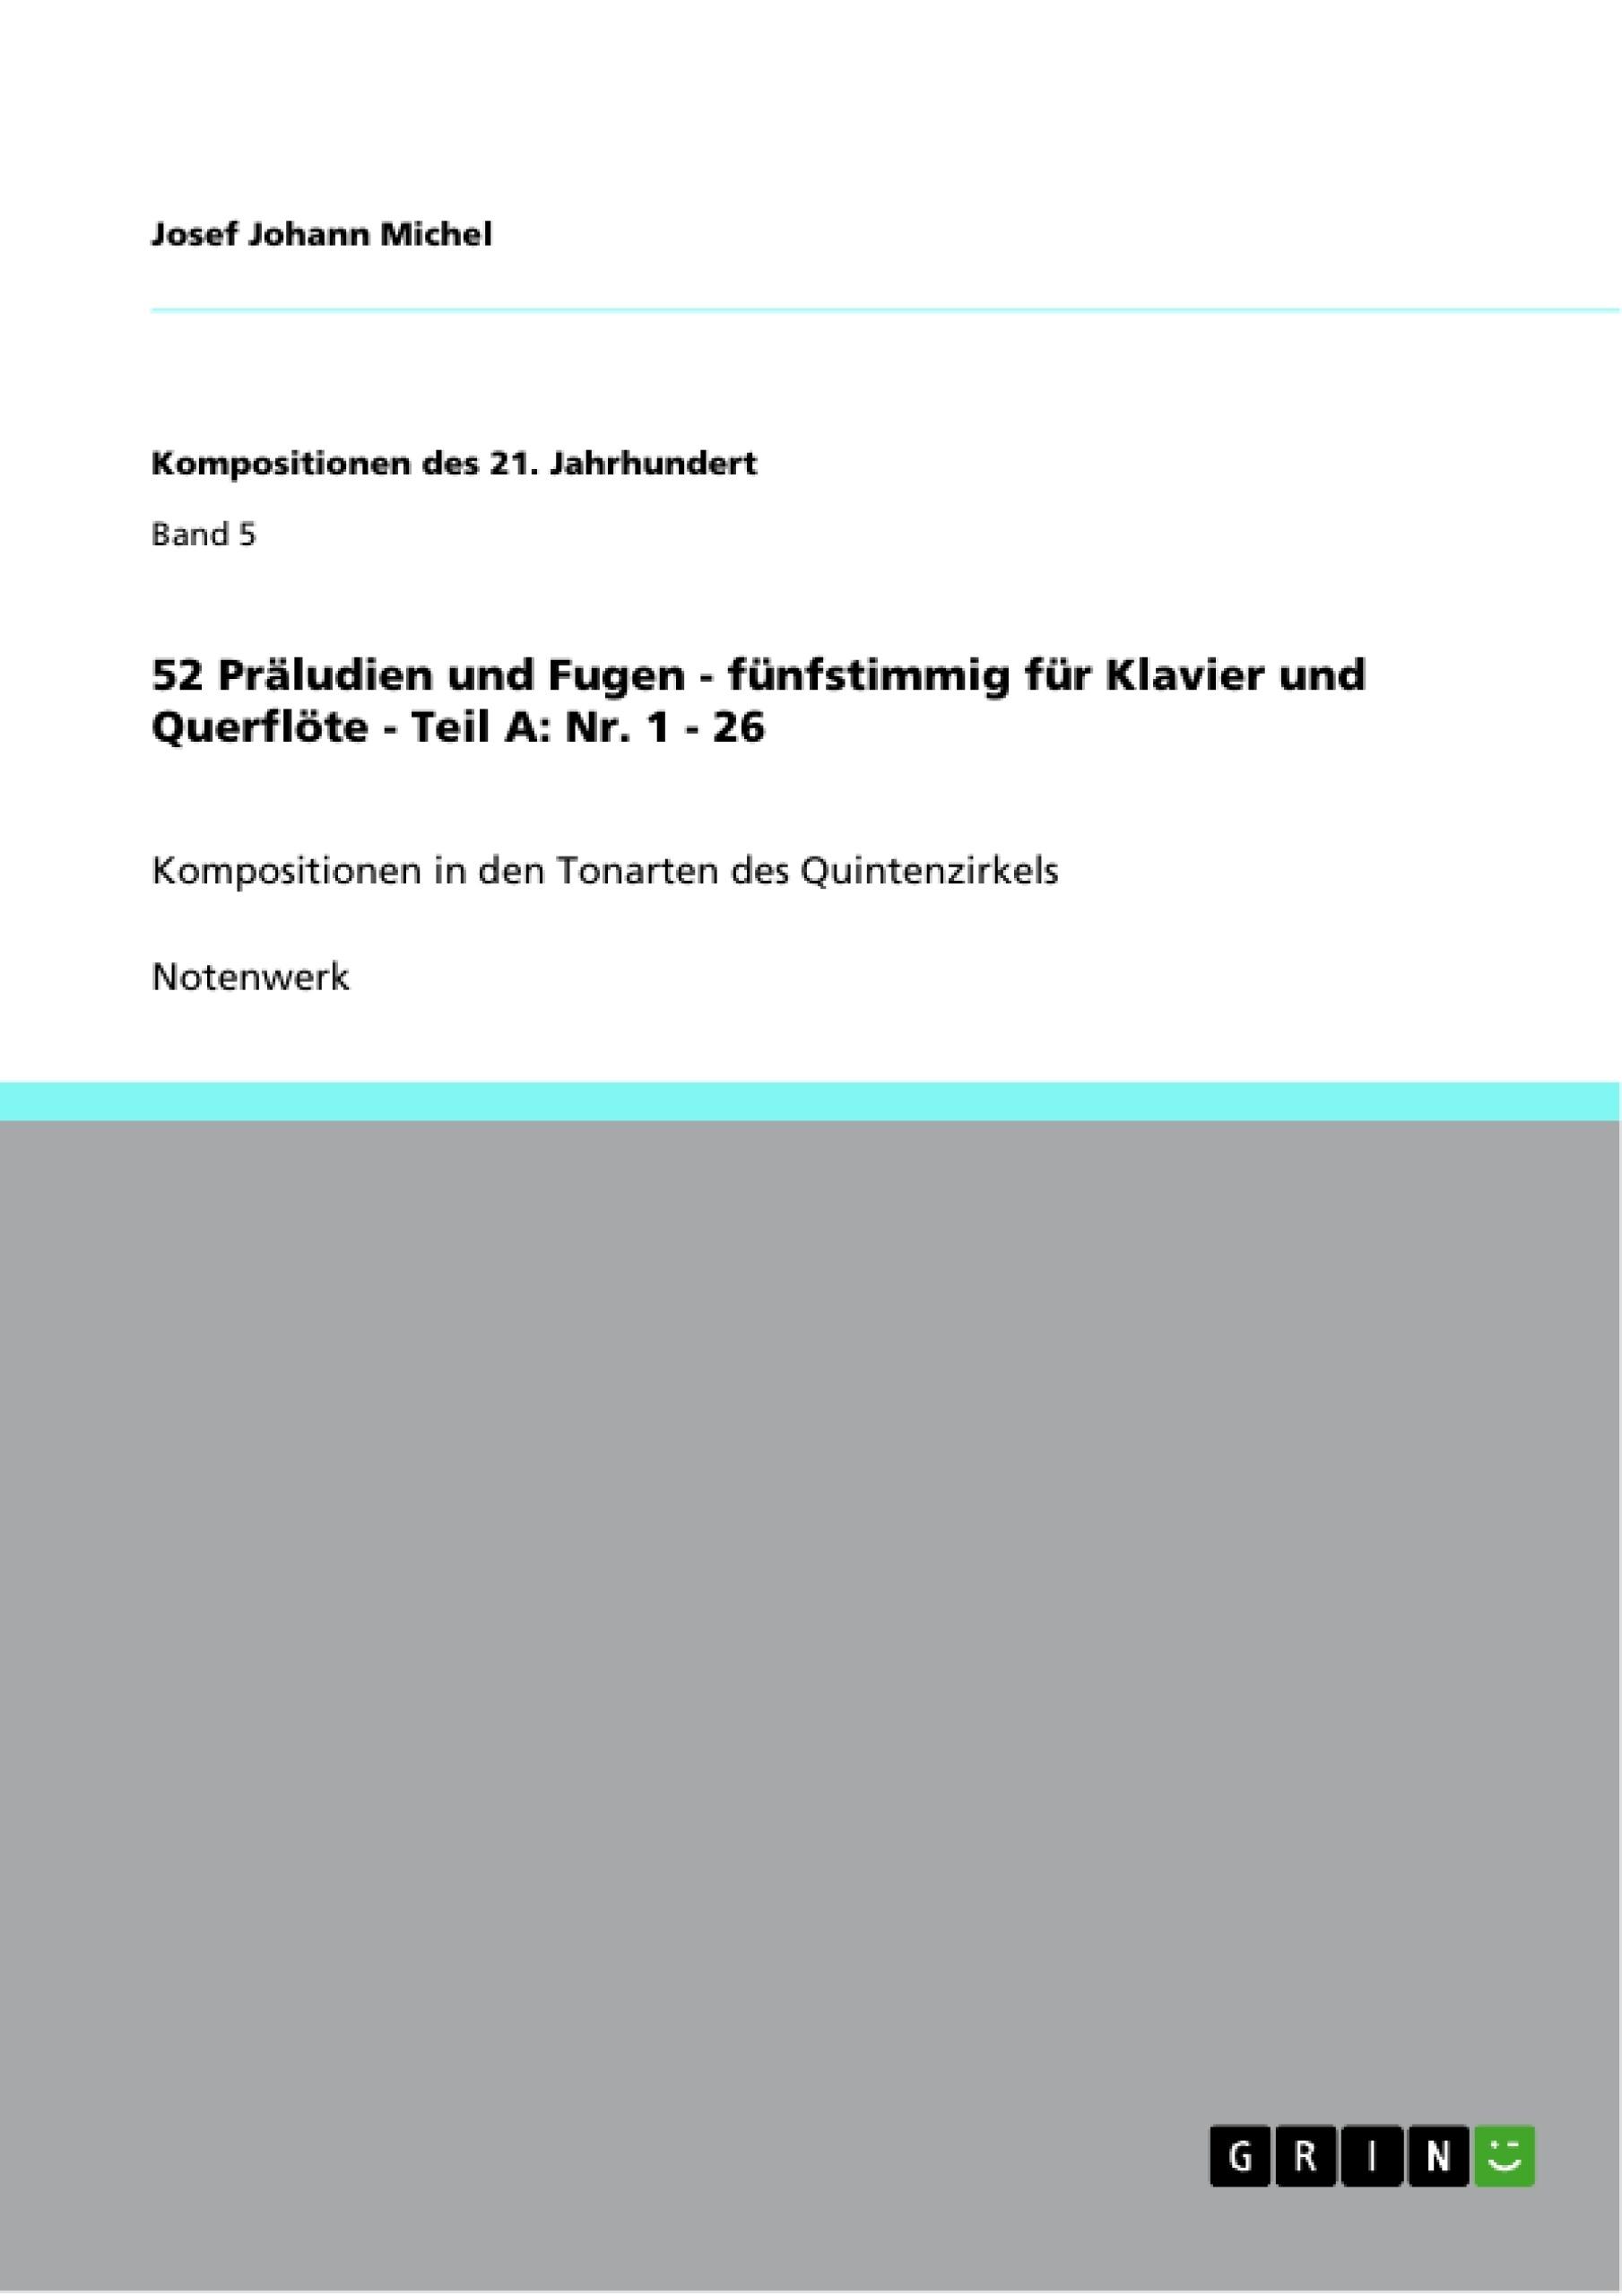 Titel: 52 Präludien und Fugen - fünfstimmig für Klavier und Querflöte - Teil A: Nr. 1 - 26